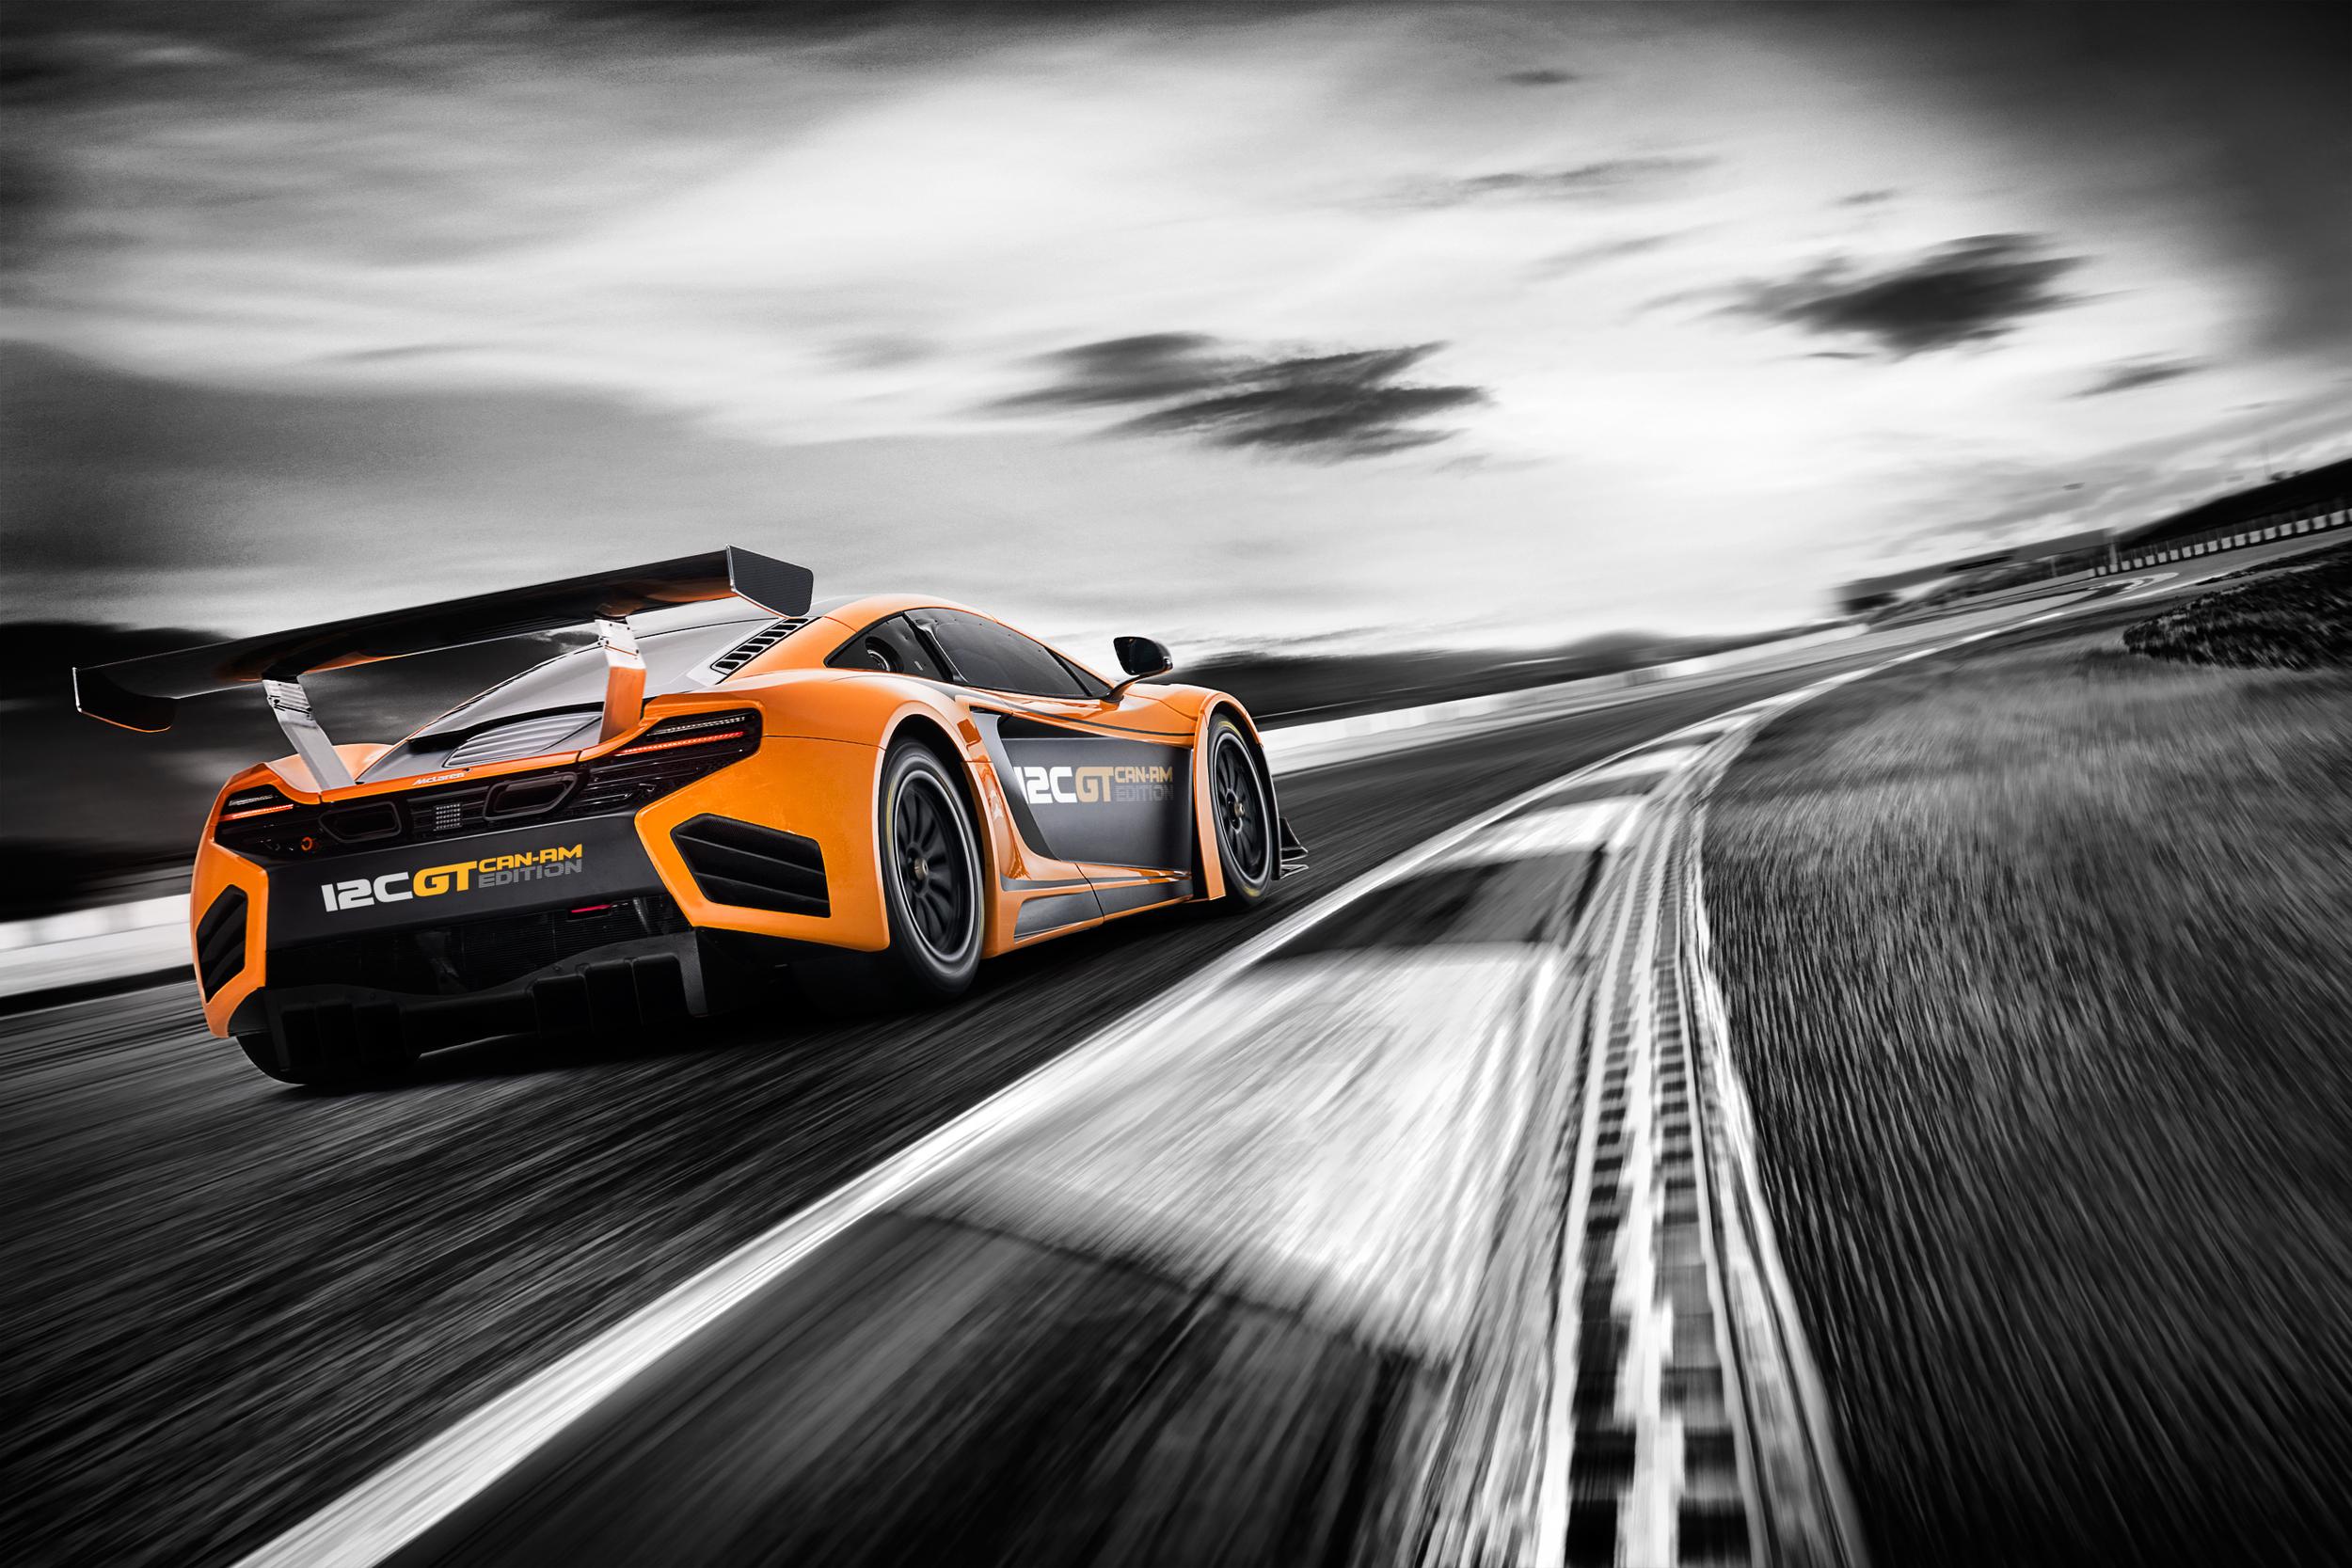 McLaren MP4-12C GT